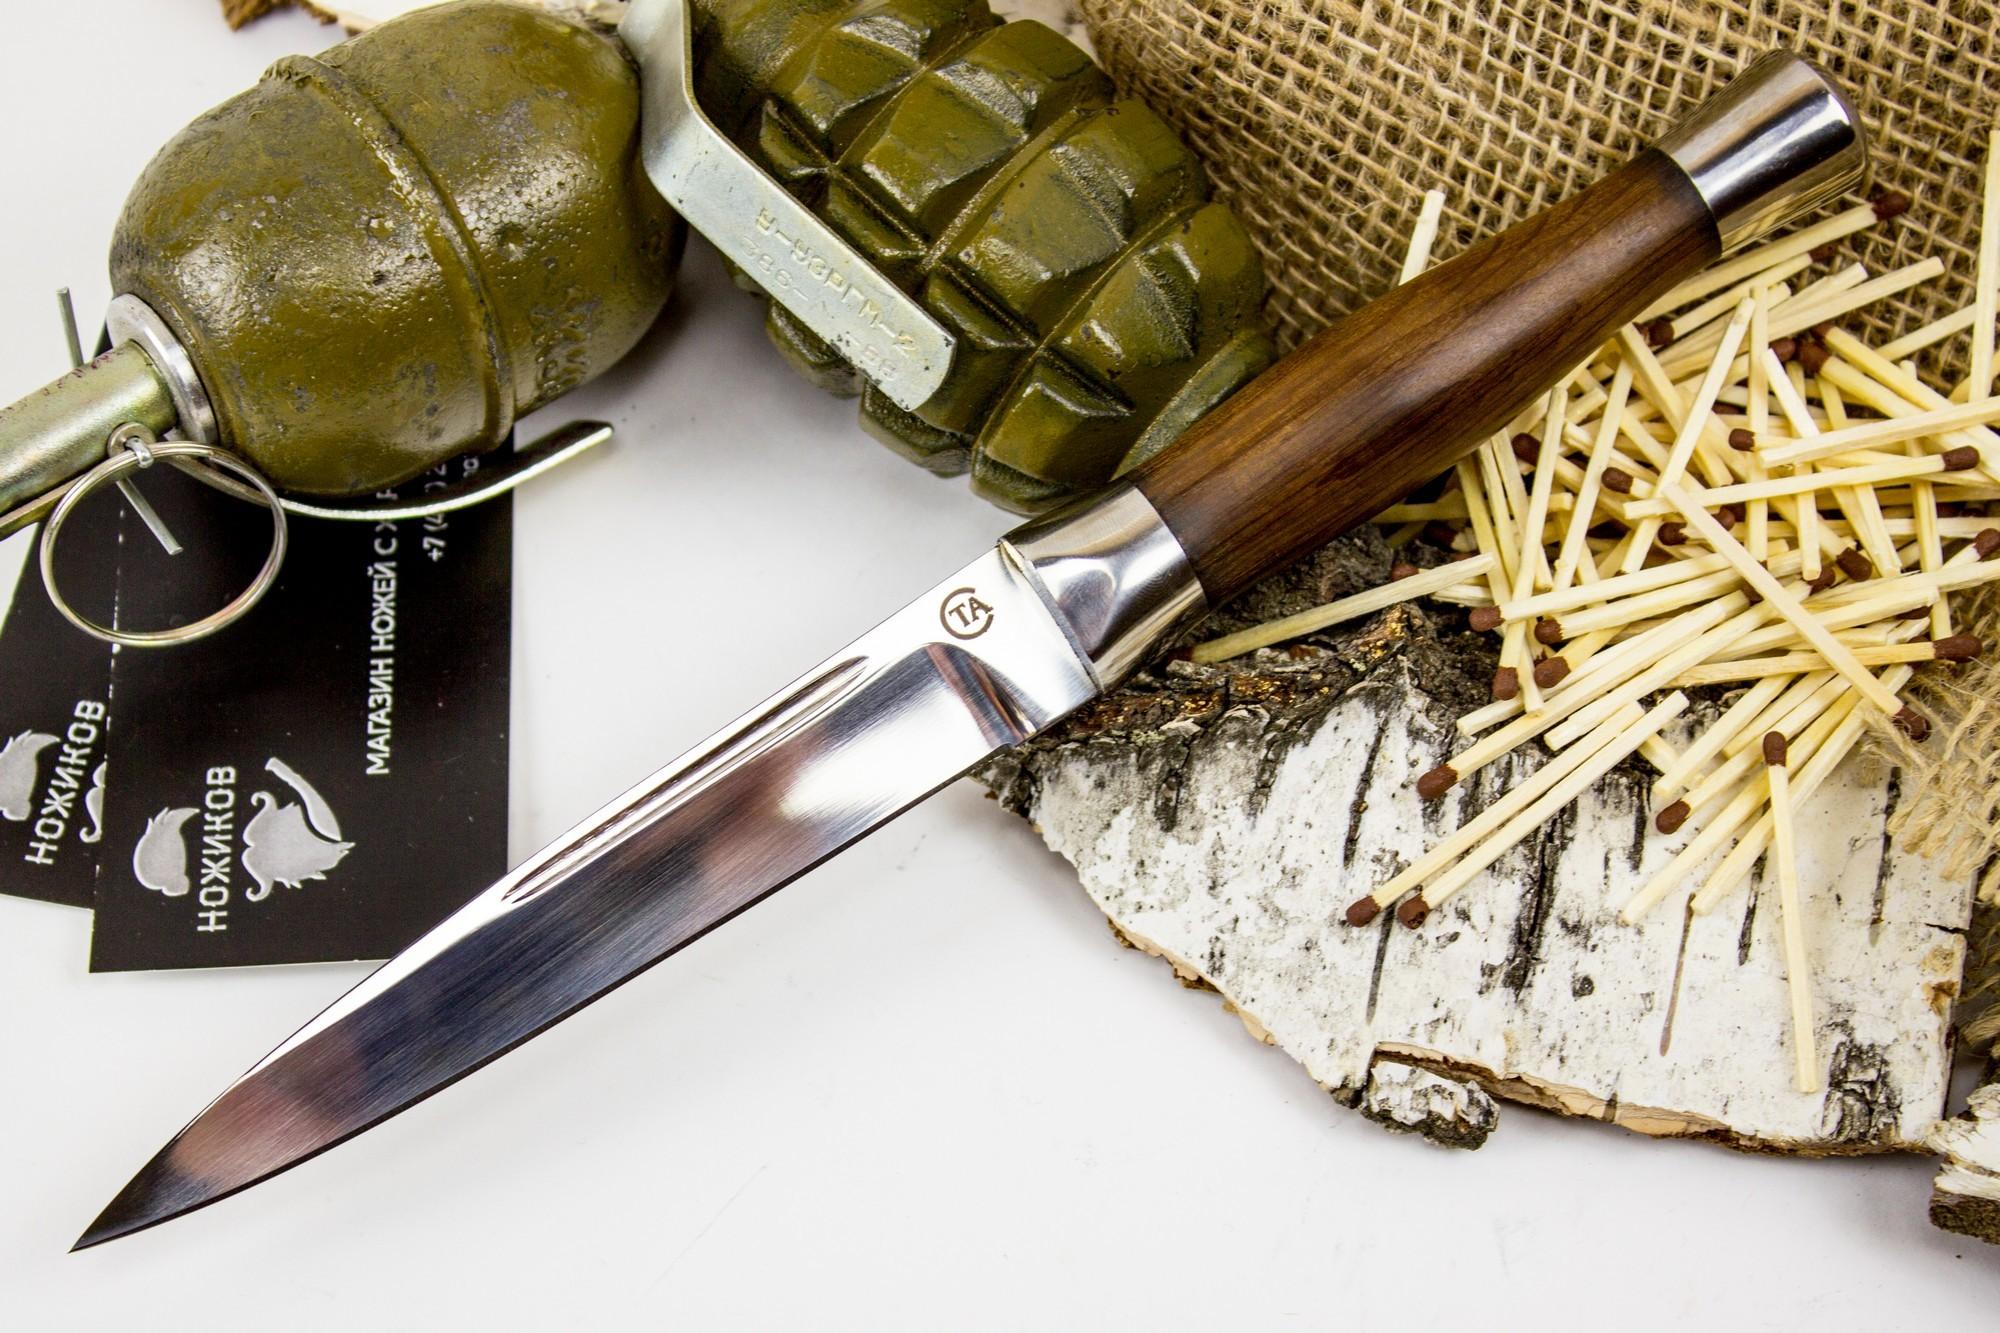 Нож Горец-3М, сталь 95х18Ножи из стали 95х18<br>Эта модель выполнена по мотивам дагестанских ножей, которые до сих пор используются коренным населением. Главной особенностью такого ножа является клинок симметричной формы с острым кончиком и высокими спусками. Такая геометрия хорошо работает по продуктам и при строгании древесины. Рукоять ножа имеет элегантную бочкообразную форму, что делает нож похожим на изящные средневековые стилеты. Такая форма рукояти позволяет уверенно наносить колющие и рубящие удары. Нож можно порекомендовать всем, кто подыскивает вариант для пикников и несложных походов.<br>